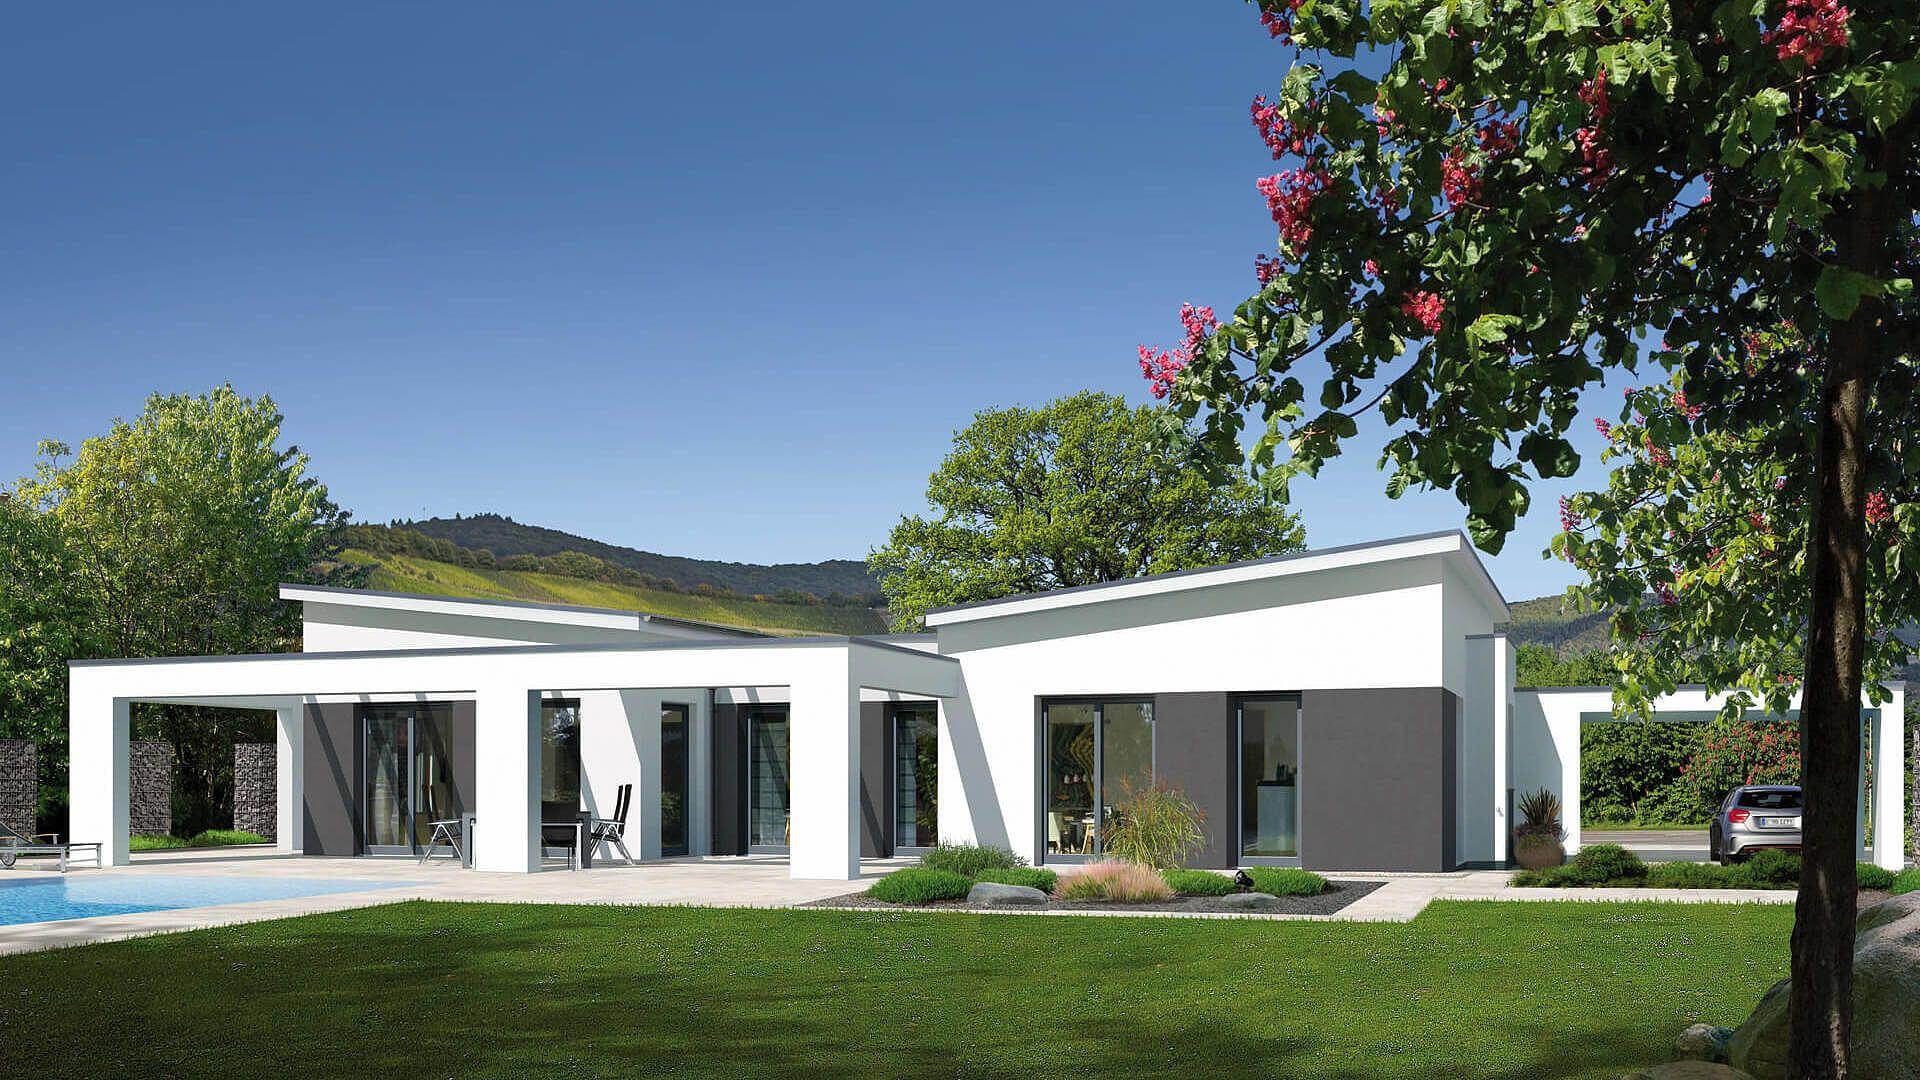 Fingerhut Bungalow Einfamilienhaus Flachdach weiß verputzt